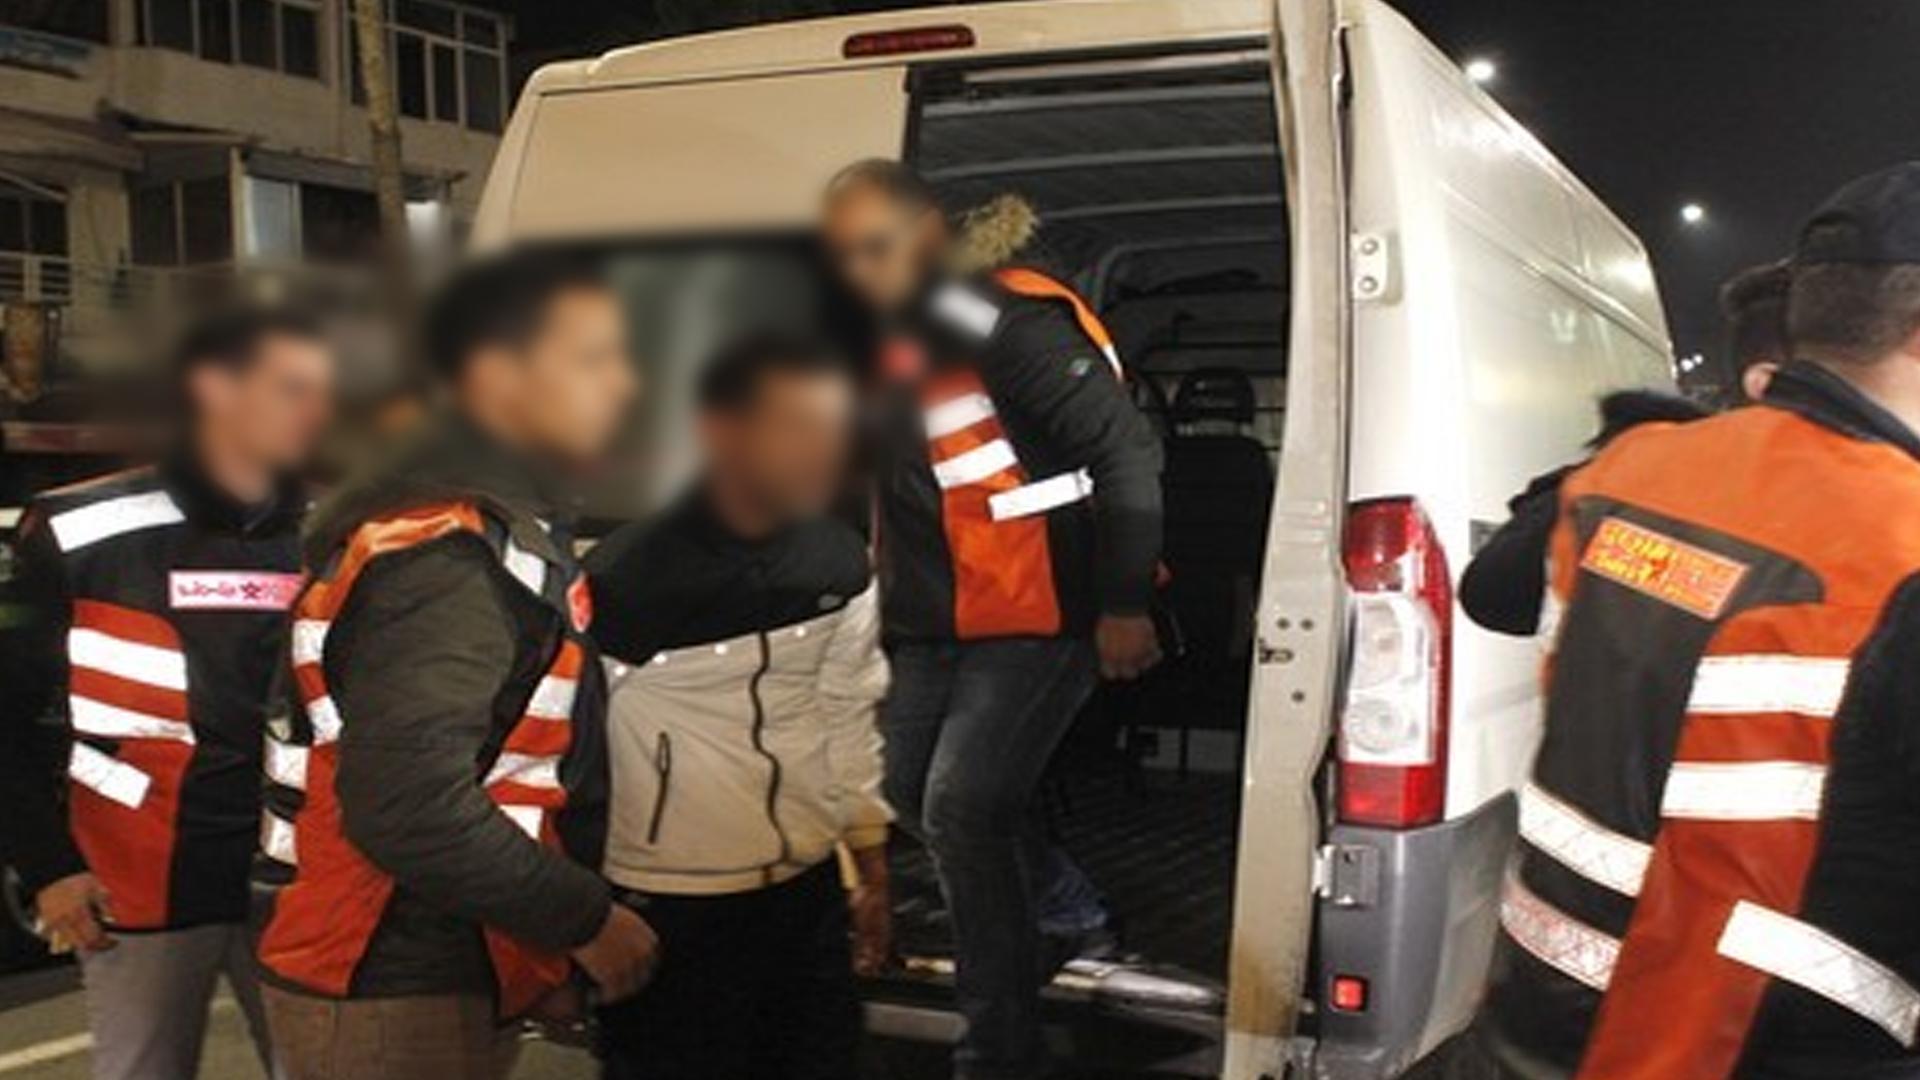 الدار البيضاء: توقيف 10 أشخاص إثر إحداث الشغب وتبادل العنف المرتبط بالرياضة